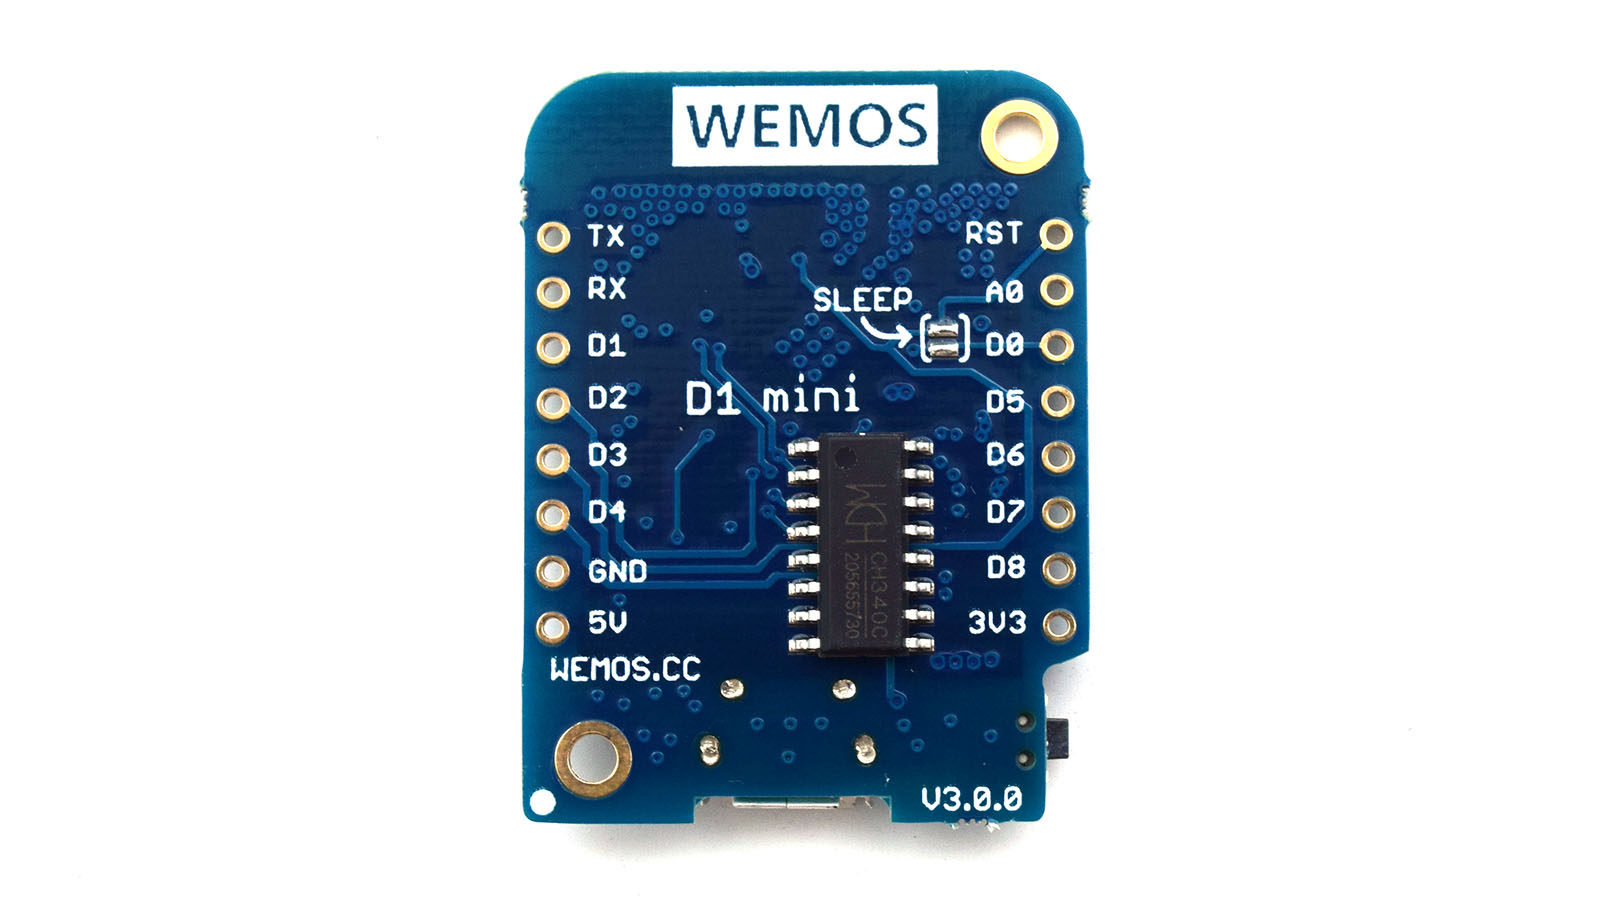 11-Digit Input Pin ESP8266 Wemos D1 Mini NodeMCU V2.3.0 WIFI 3.2V Board Arduino